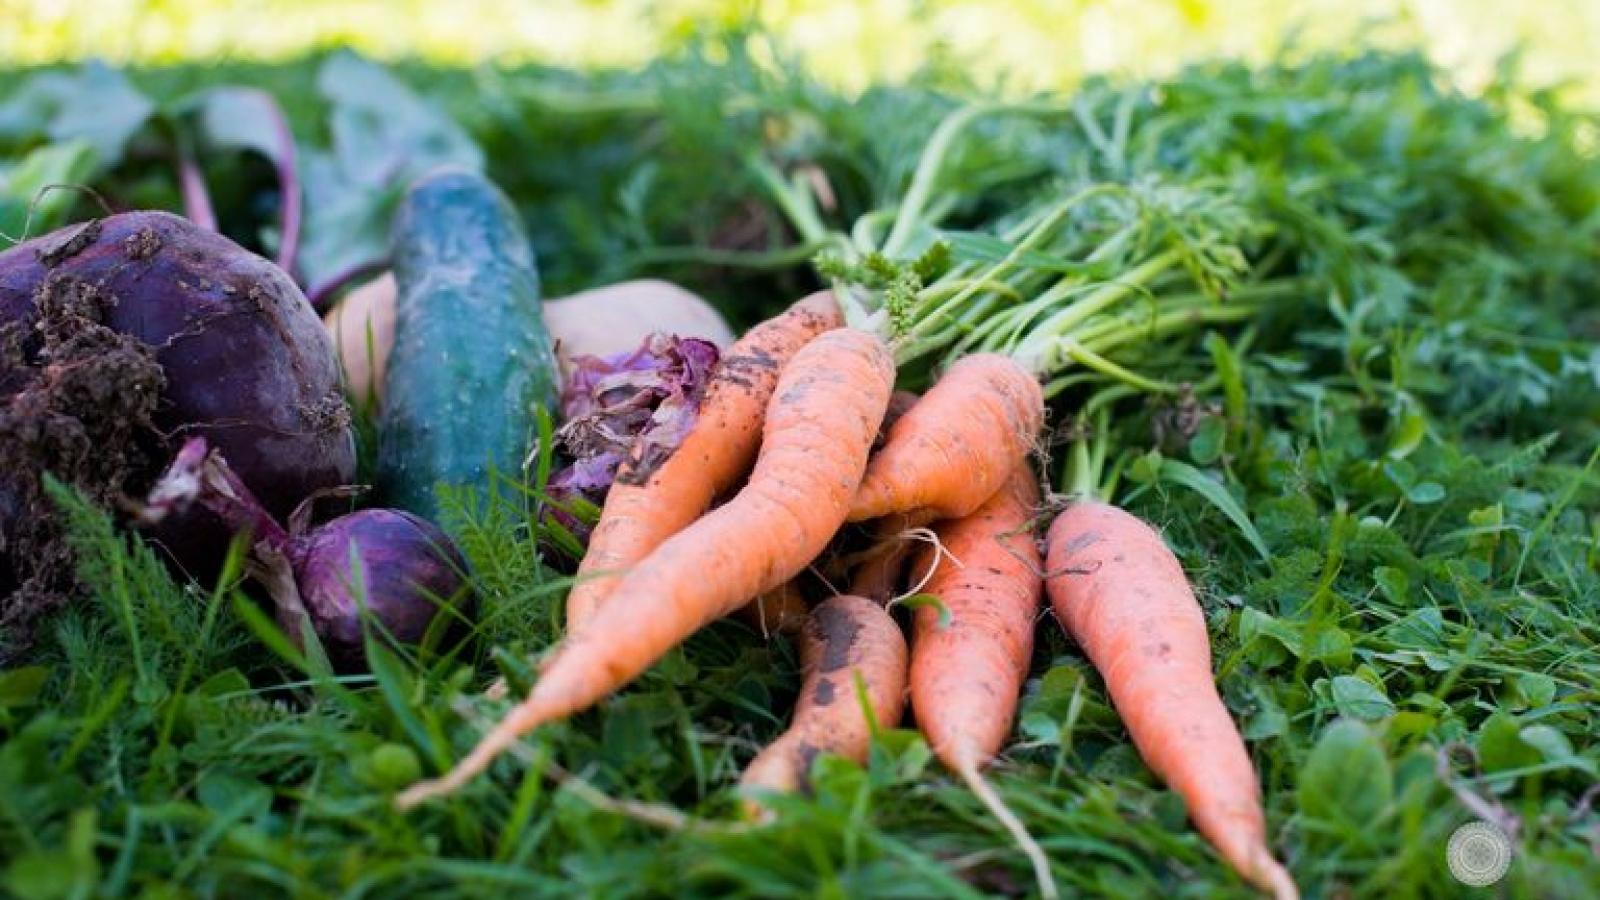 Mùa thu, thời điểm tuyệt vời trồng những loại rau củ trong vườn